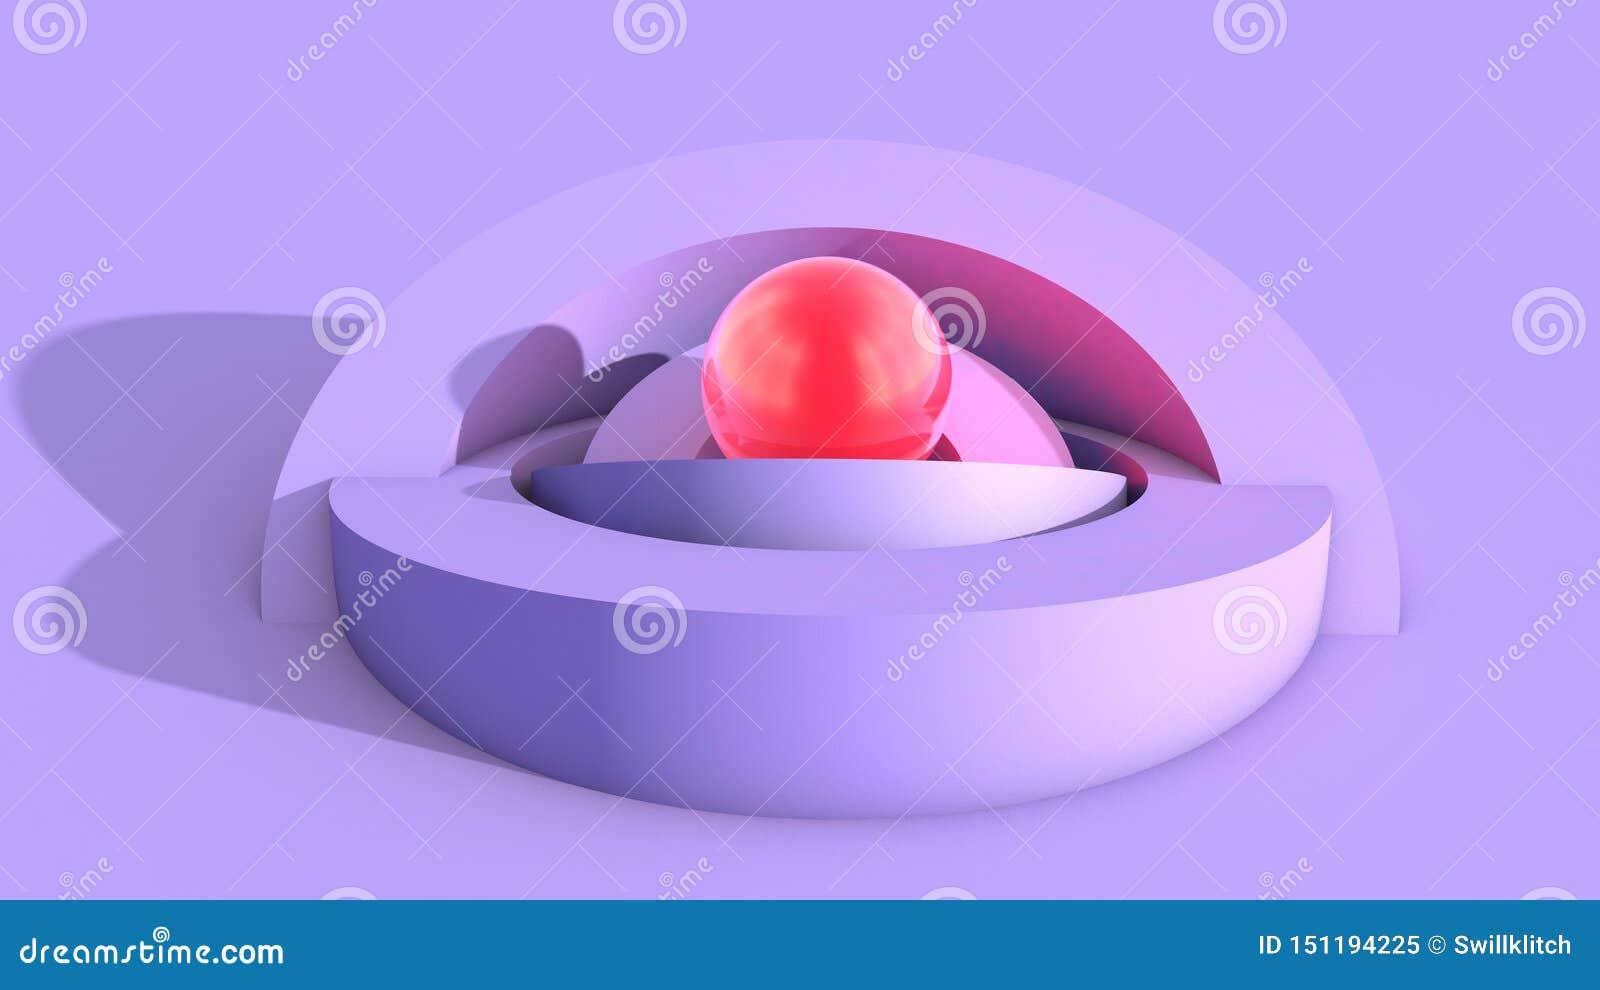 与软的ulraviolet弧形状的抽象建筑学背景和与光的发光的红色核心球形